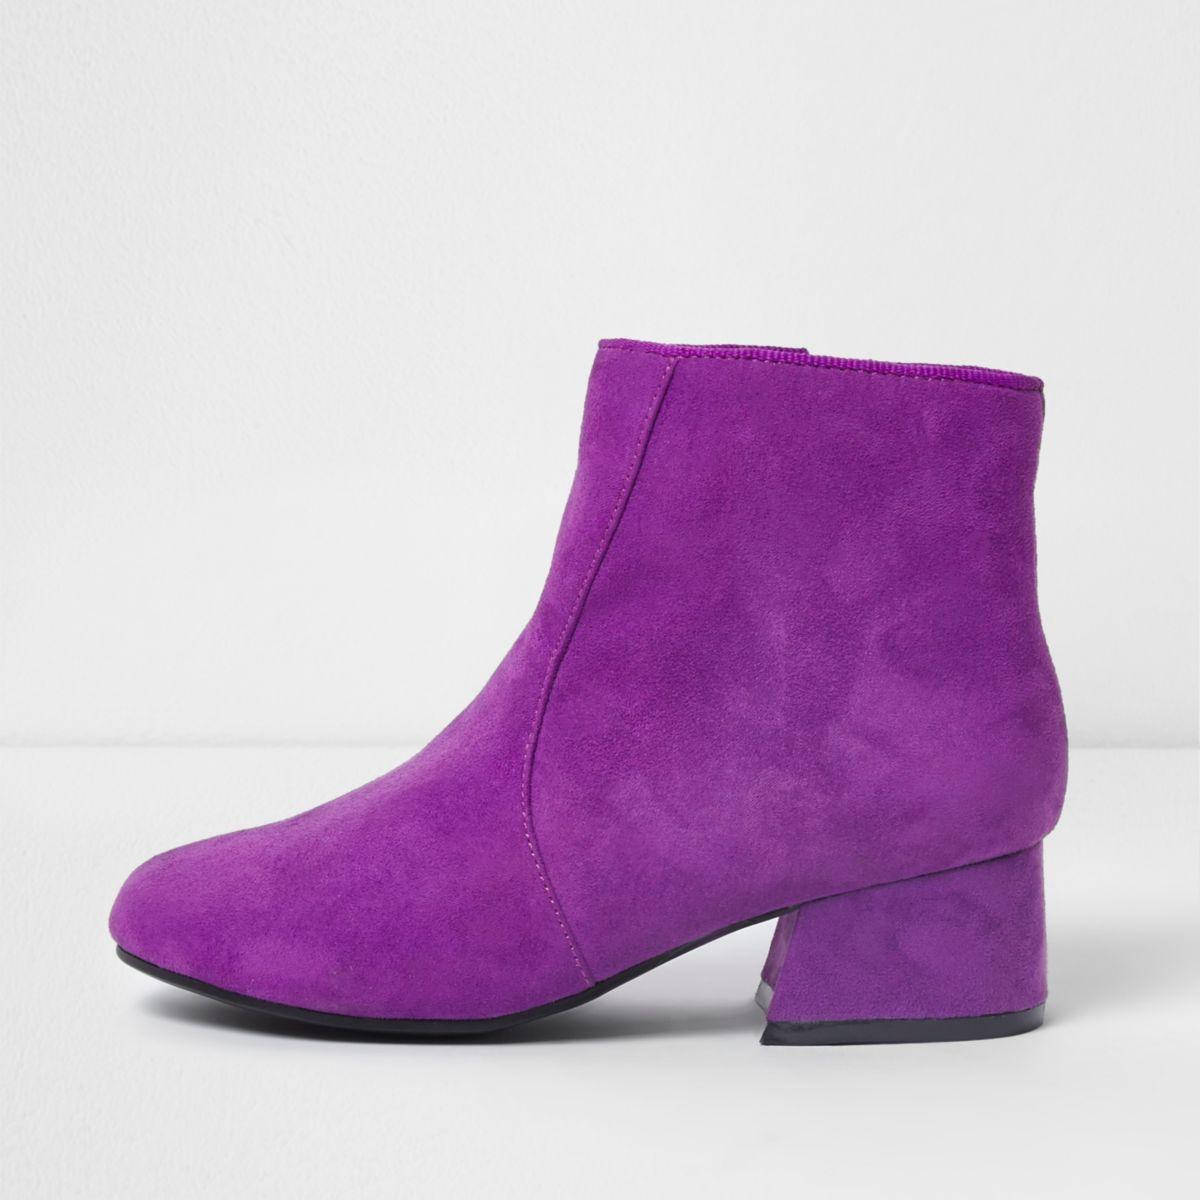 Bottines violettes à talon évasé pour fille